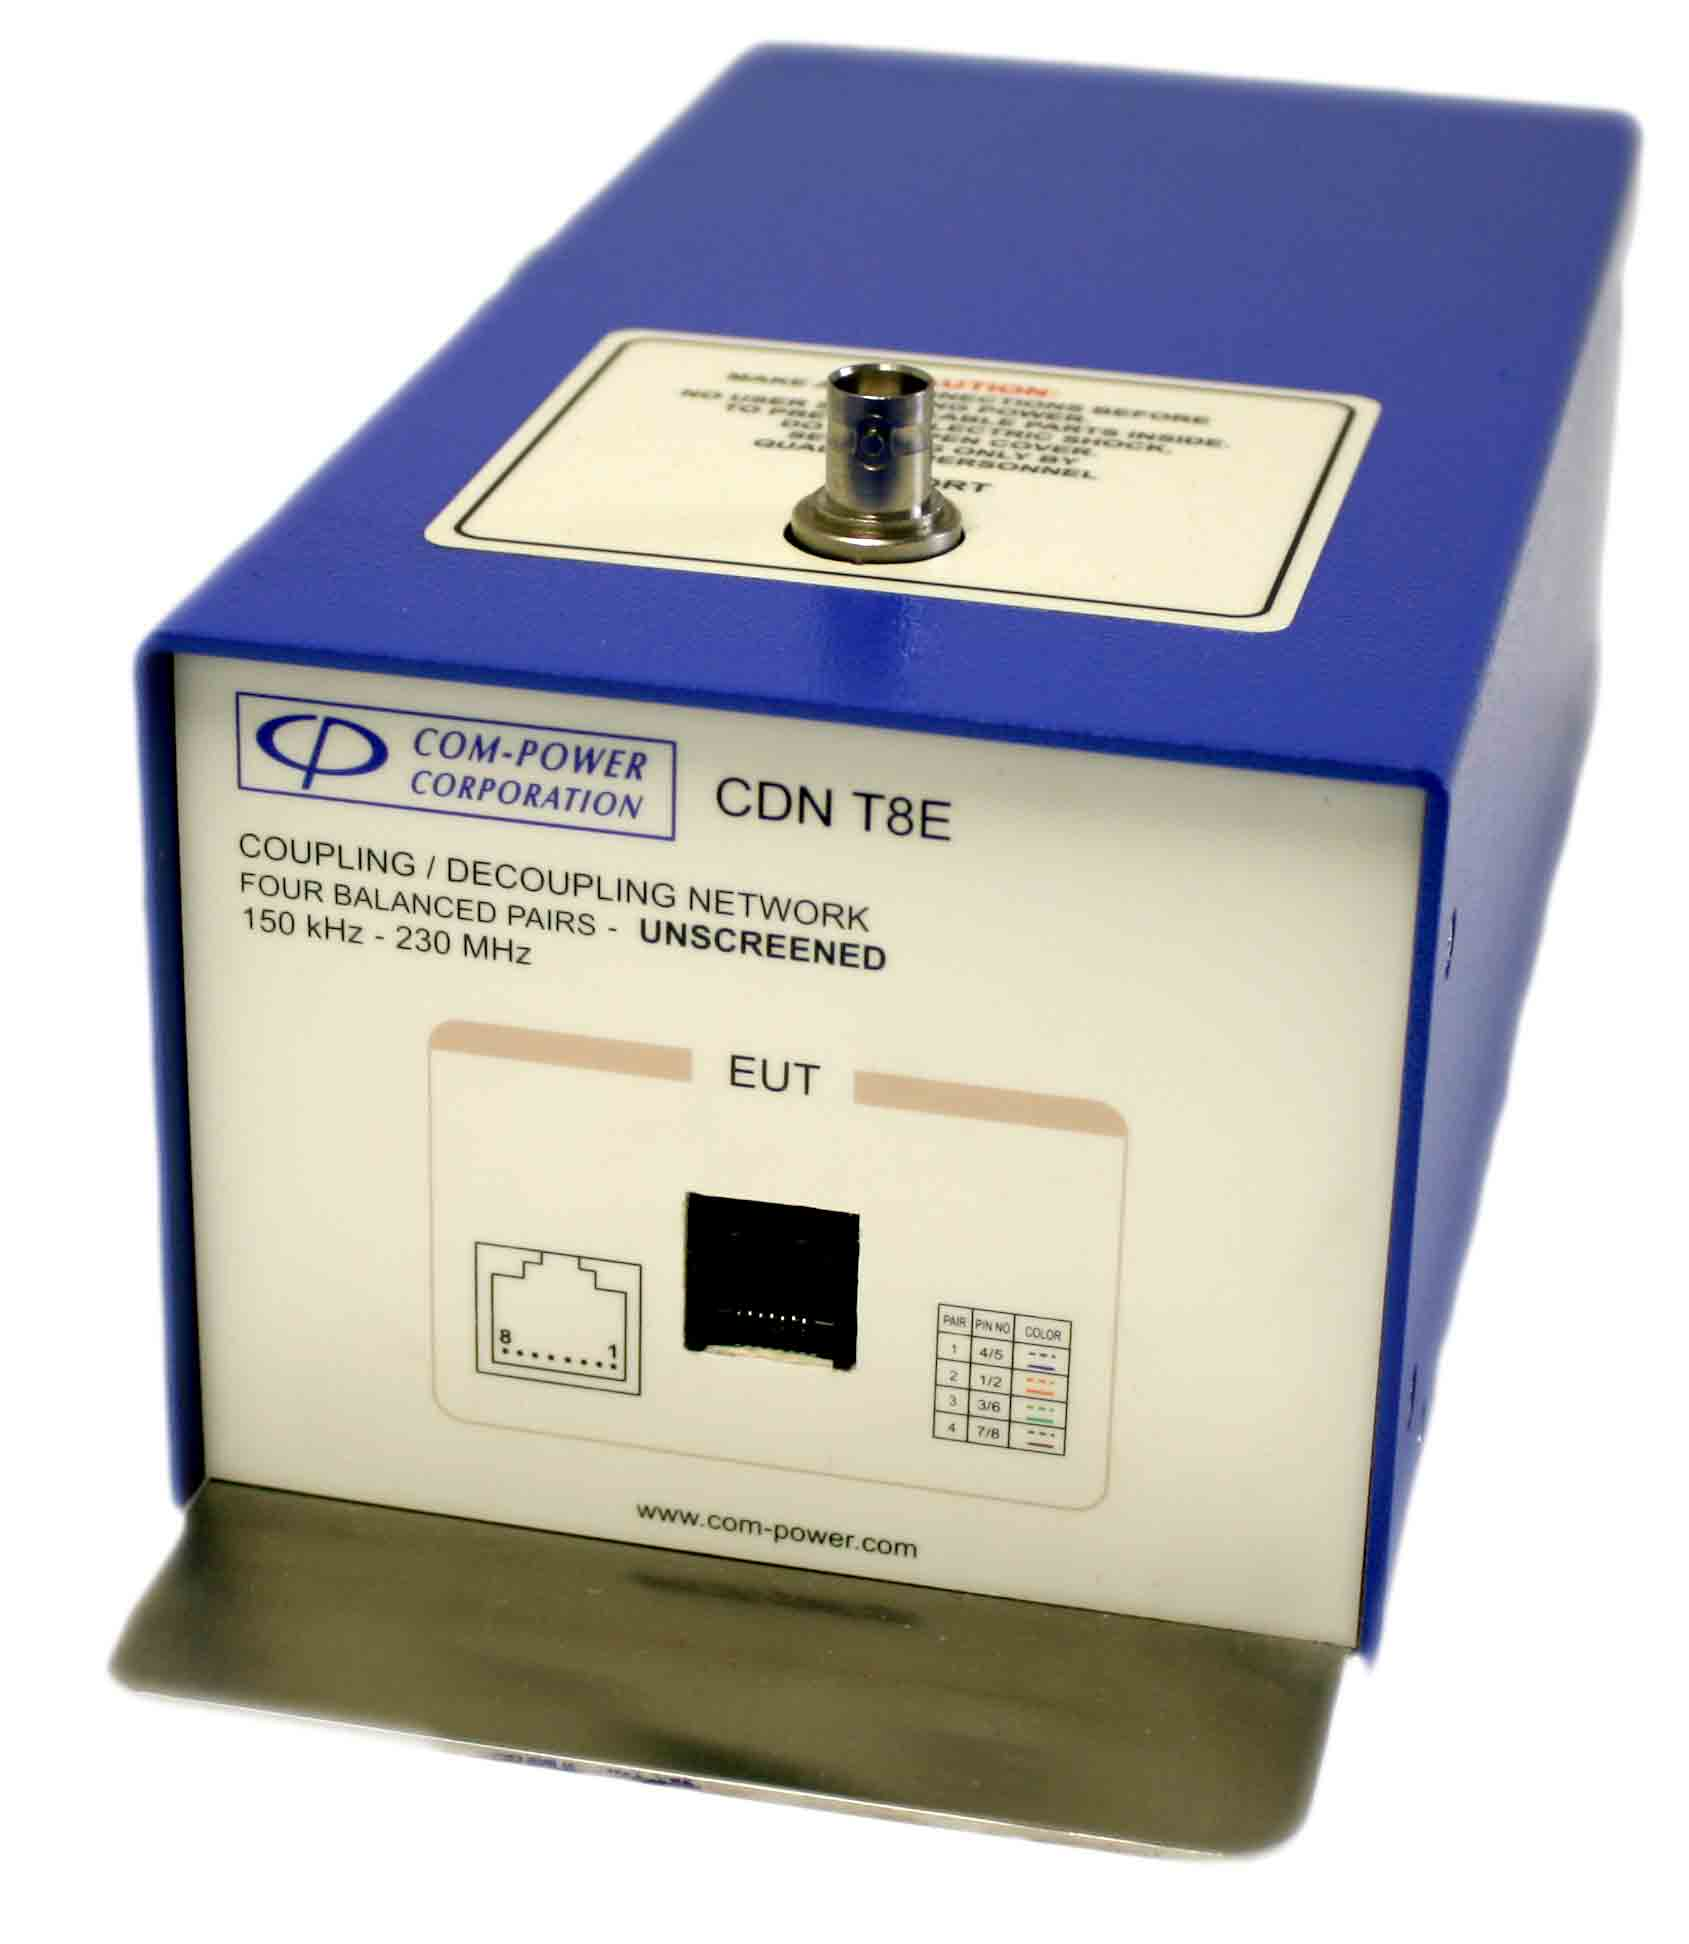 CDN-T8E